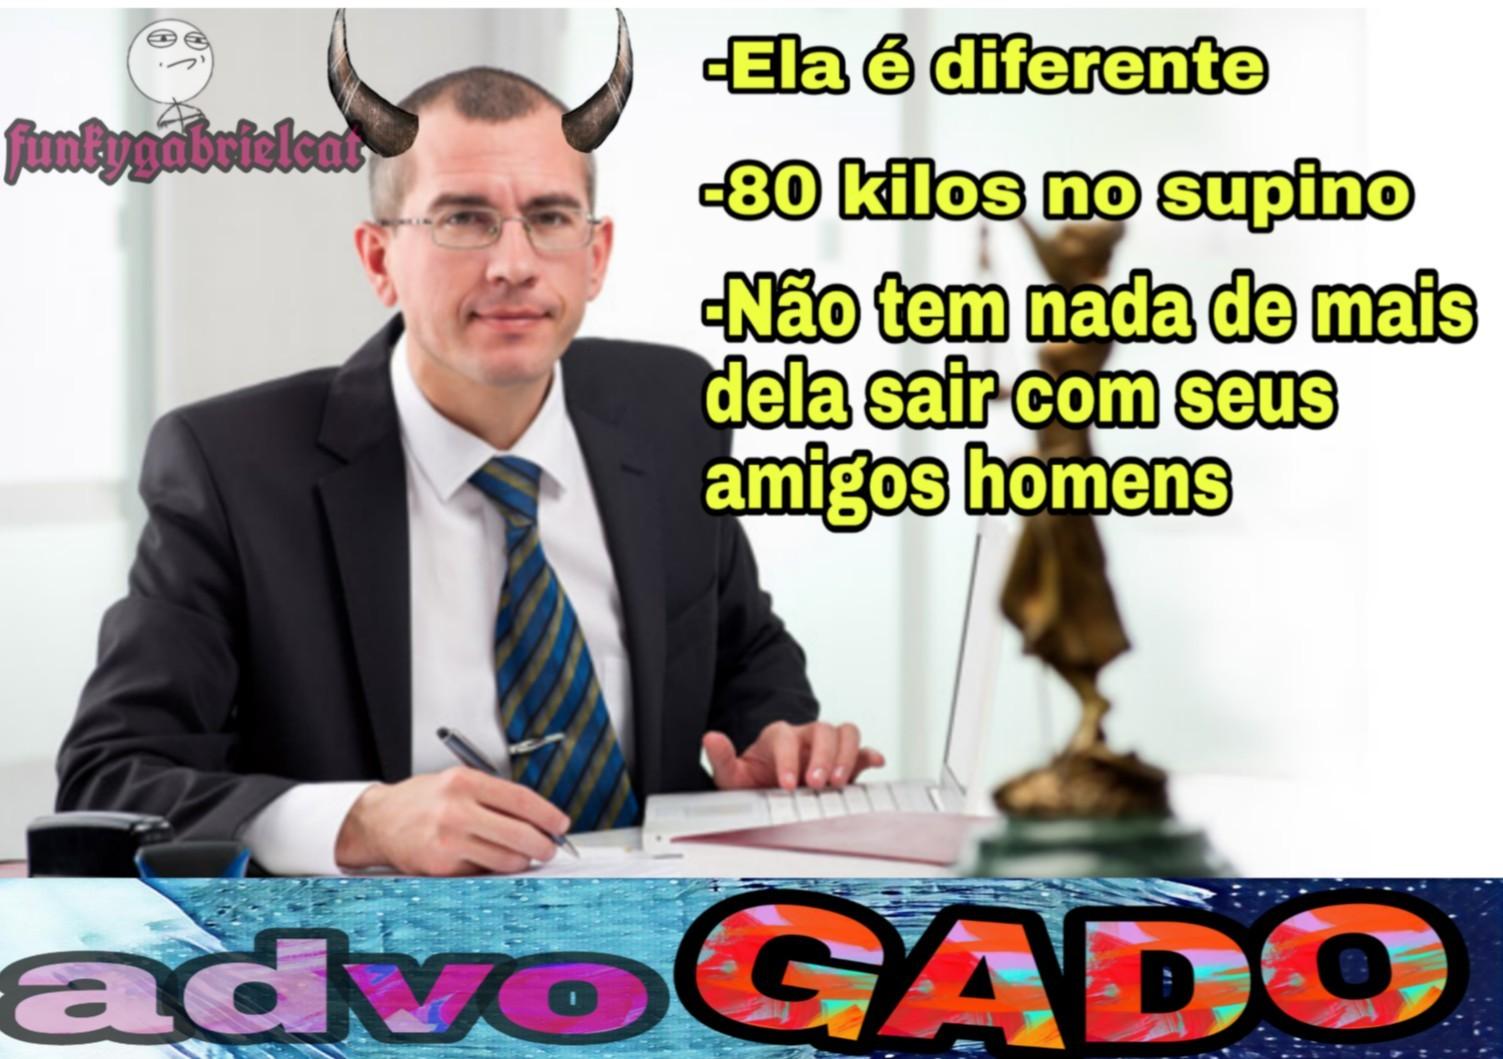 Gado d+ kkkjkjj - meme